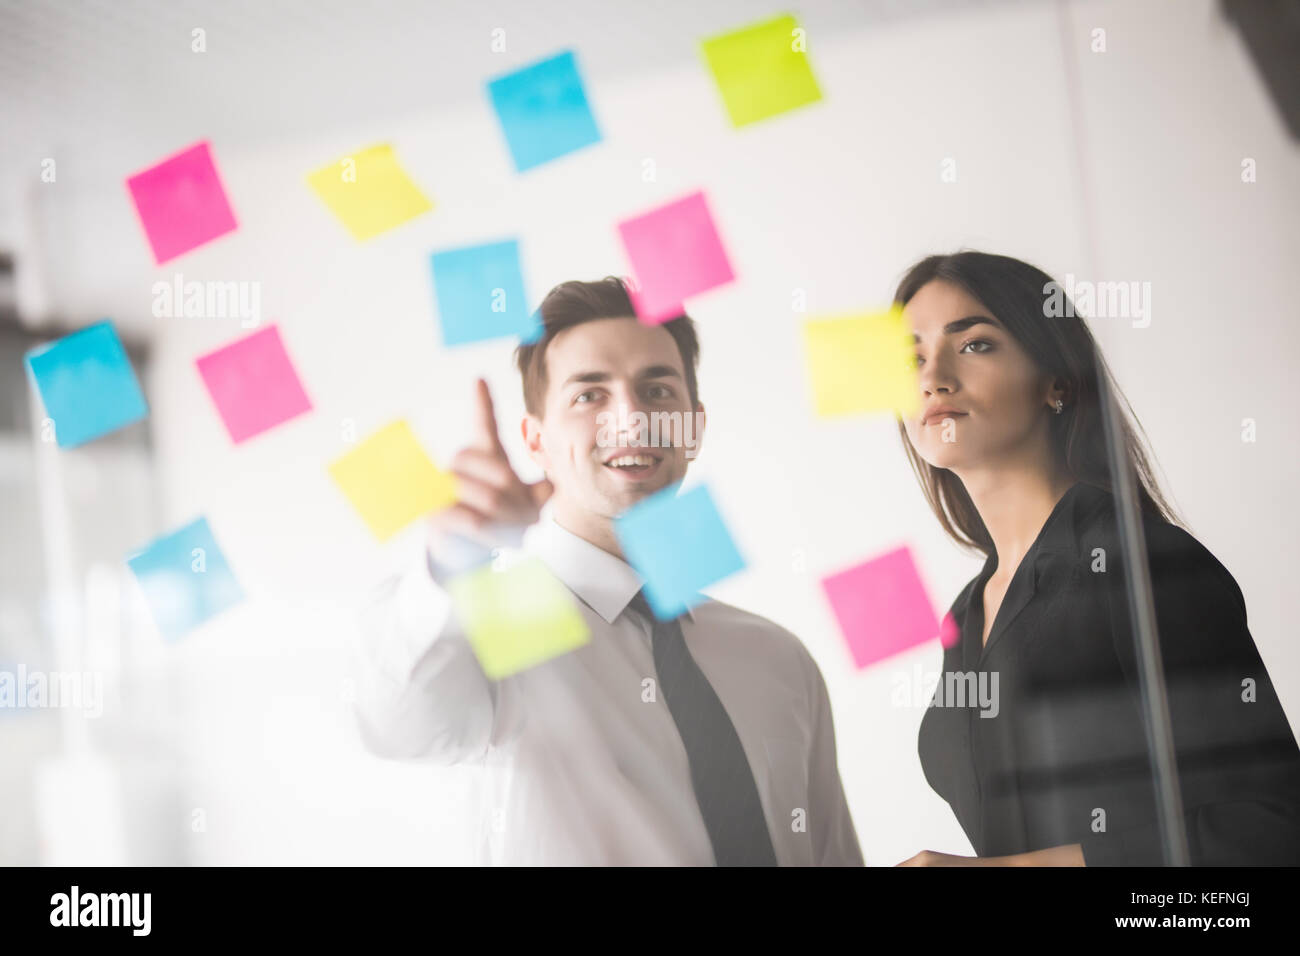 Gente de negocios inicio grupo de trabajo cotidiano en la oficina moderna tecnología, empresa de tecnología, Imagen De Stock